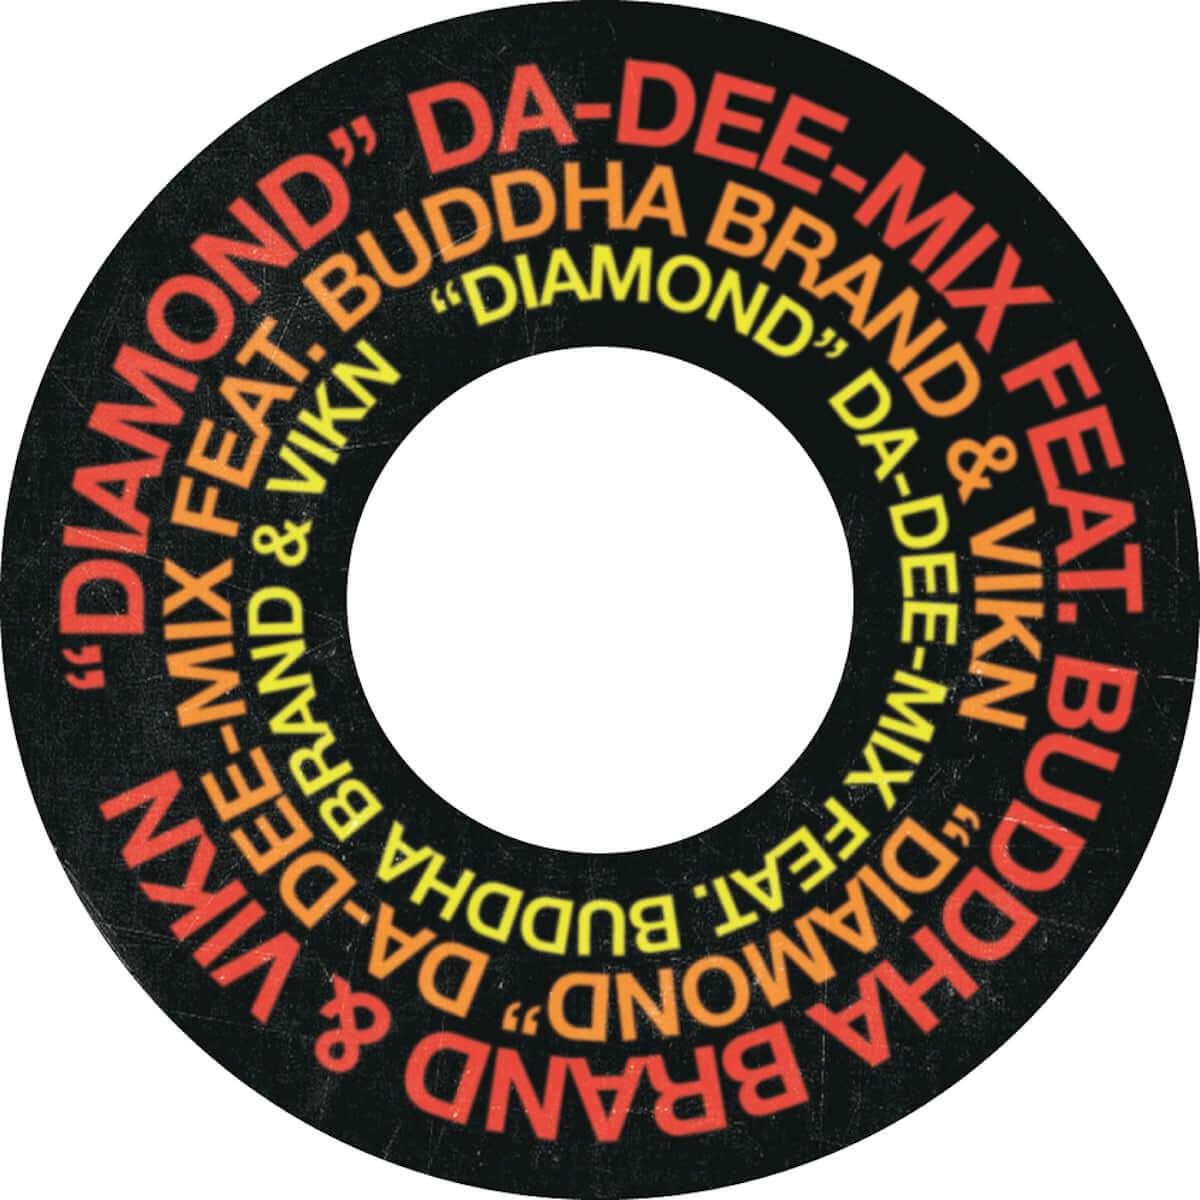 神南坂JOURNAL STANDARDにてDA-DEE MiXの7inchリリースパーティが開催|BUDDHA BRANDやVIKN、ZEN-LA-ROCKが登場 music181205-da-dee-mix-journal-standard-1-1200x1200